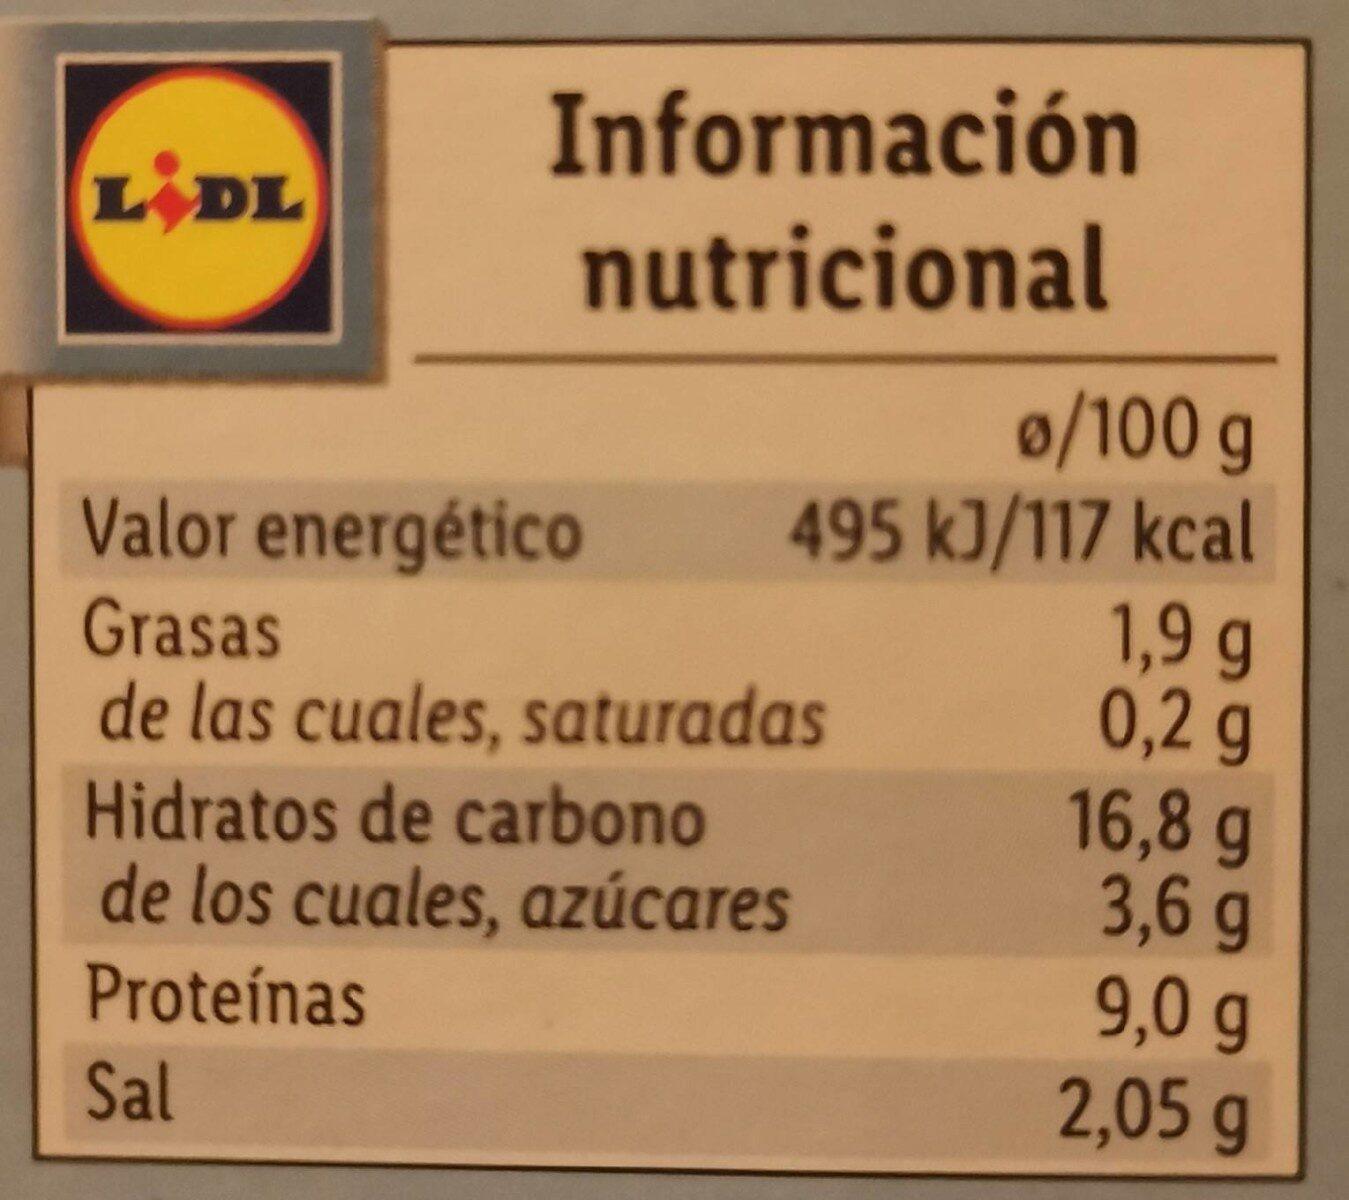 Colas de mar - Información nutricional